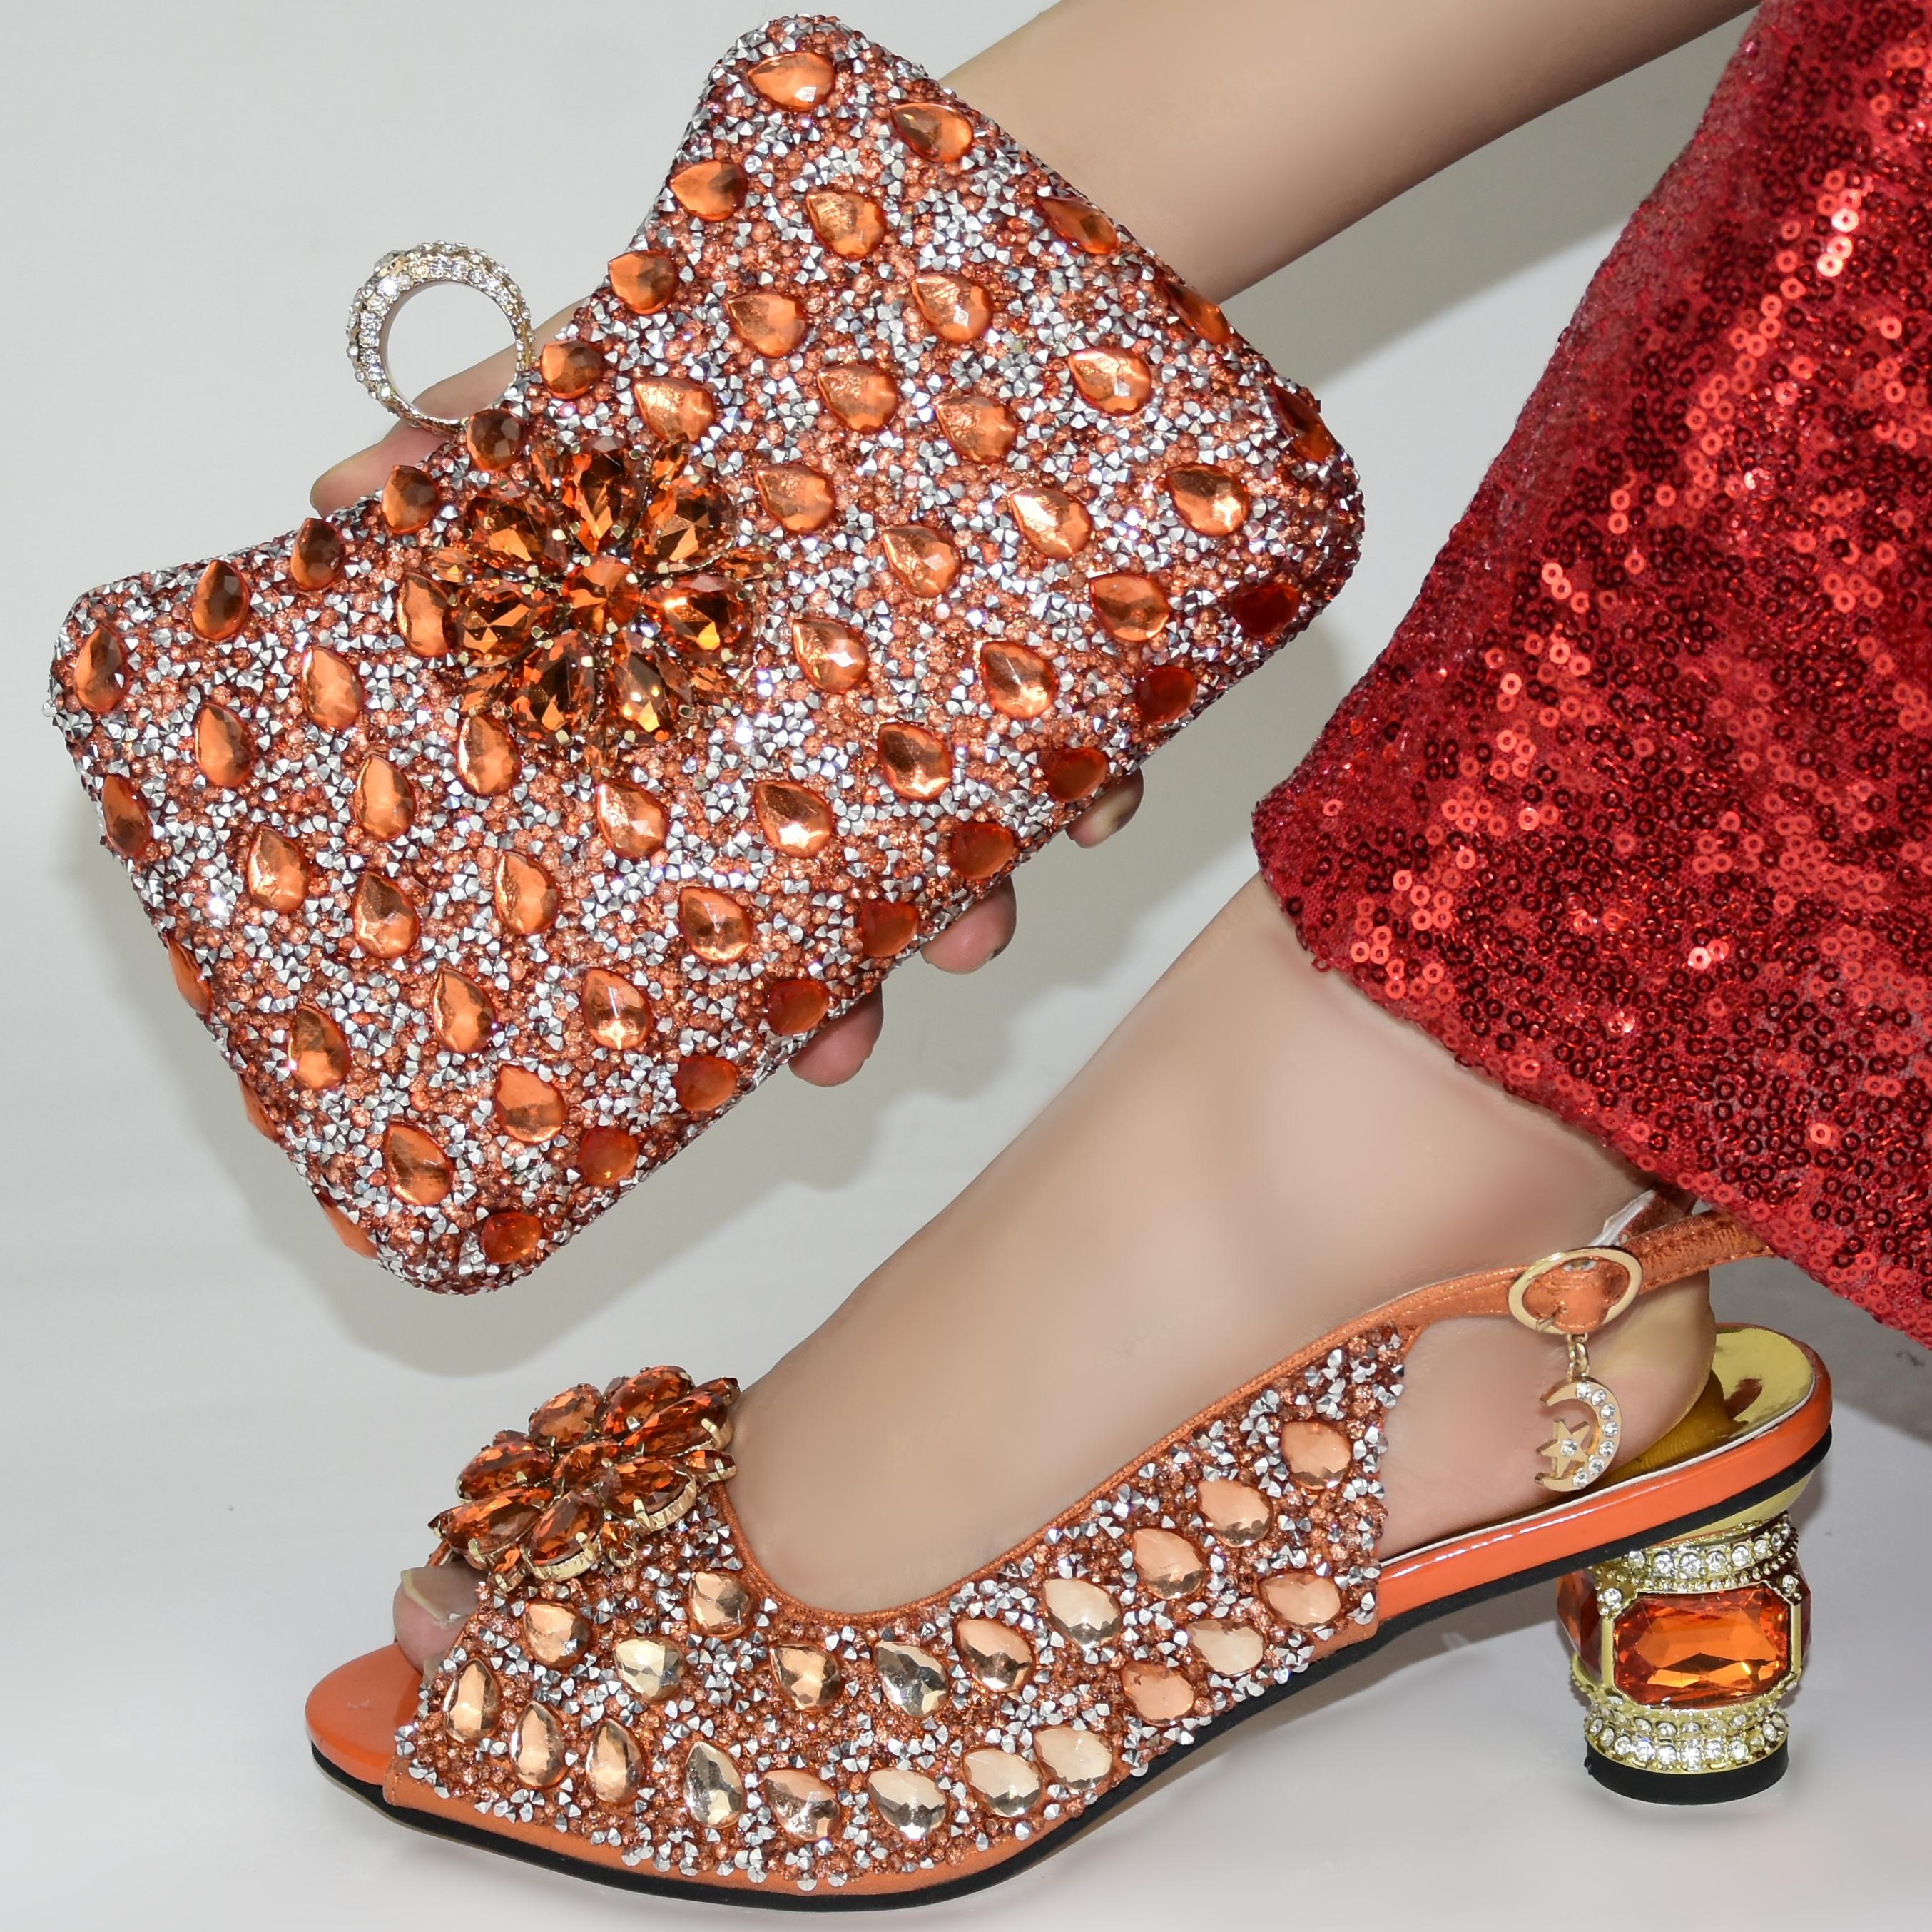 moda arancione Italian Shoes con i sacchetti di corrispondenza africana Scarpe e Borse Set per il partito di promenade estate sandalo! GR1-6